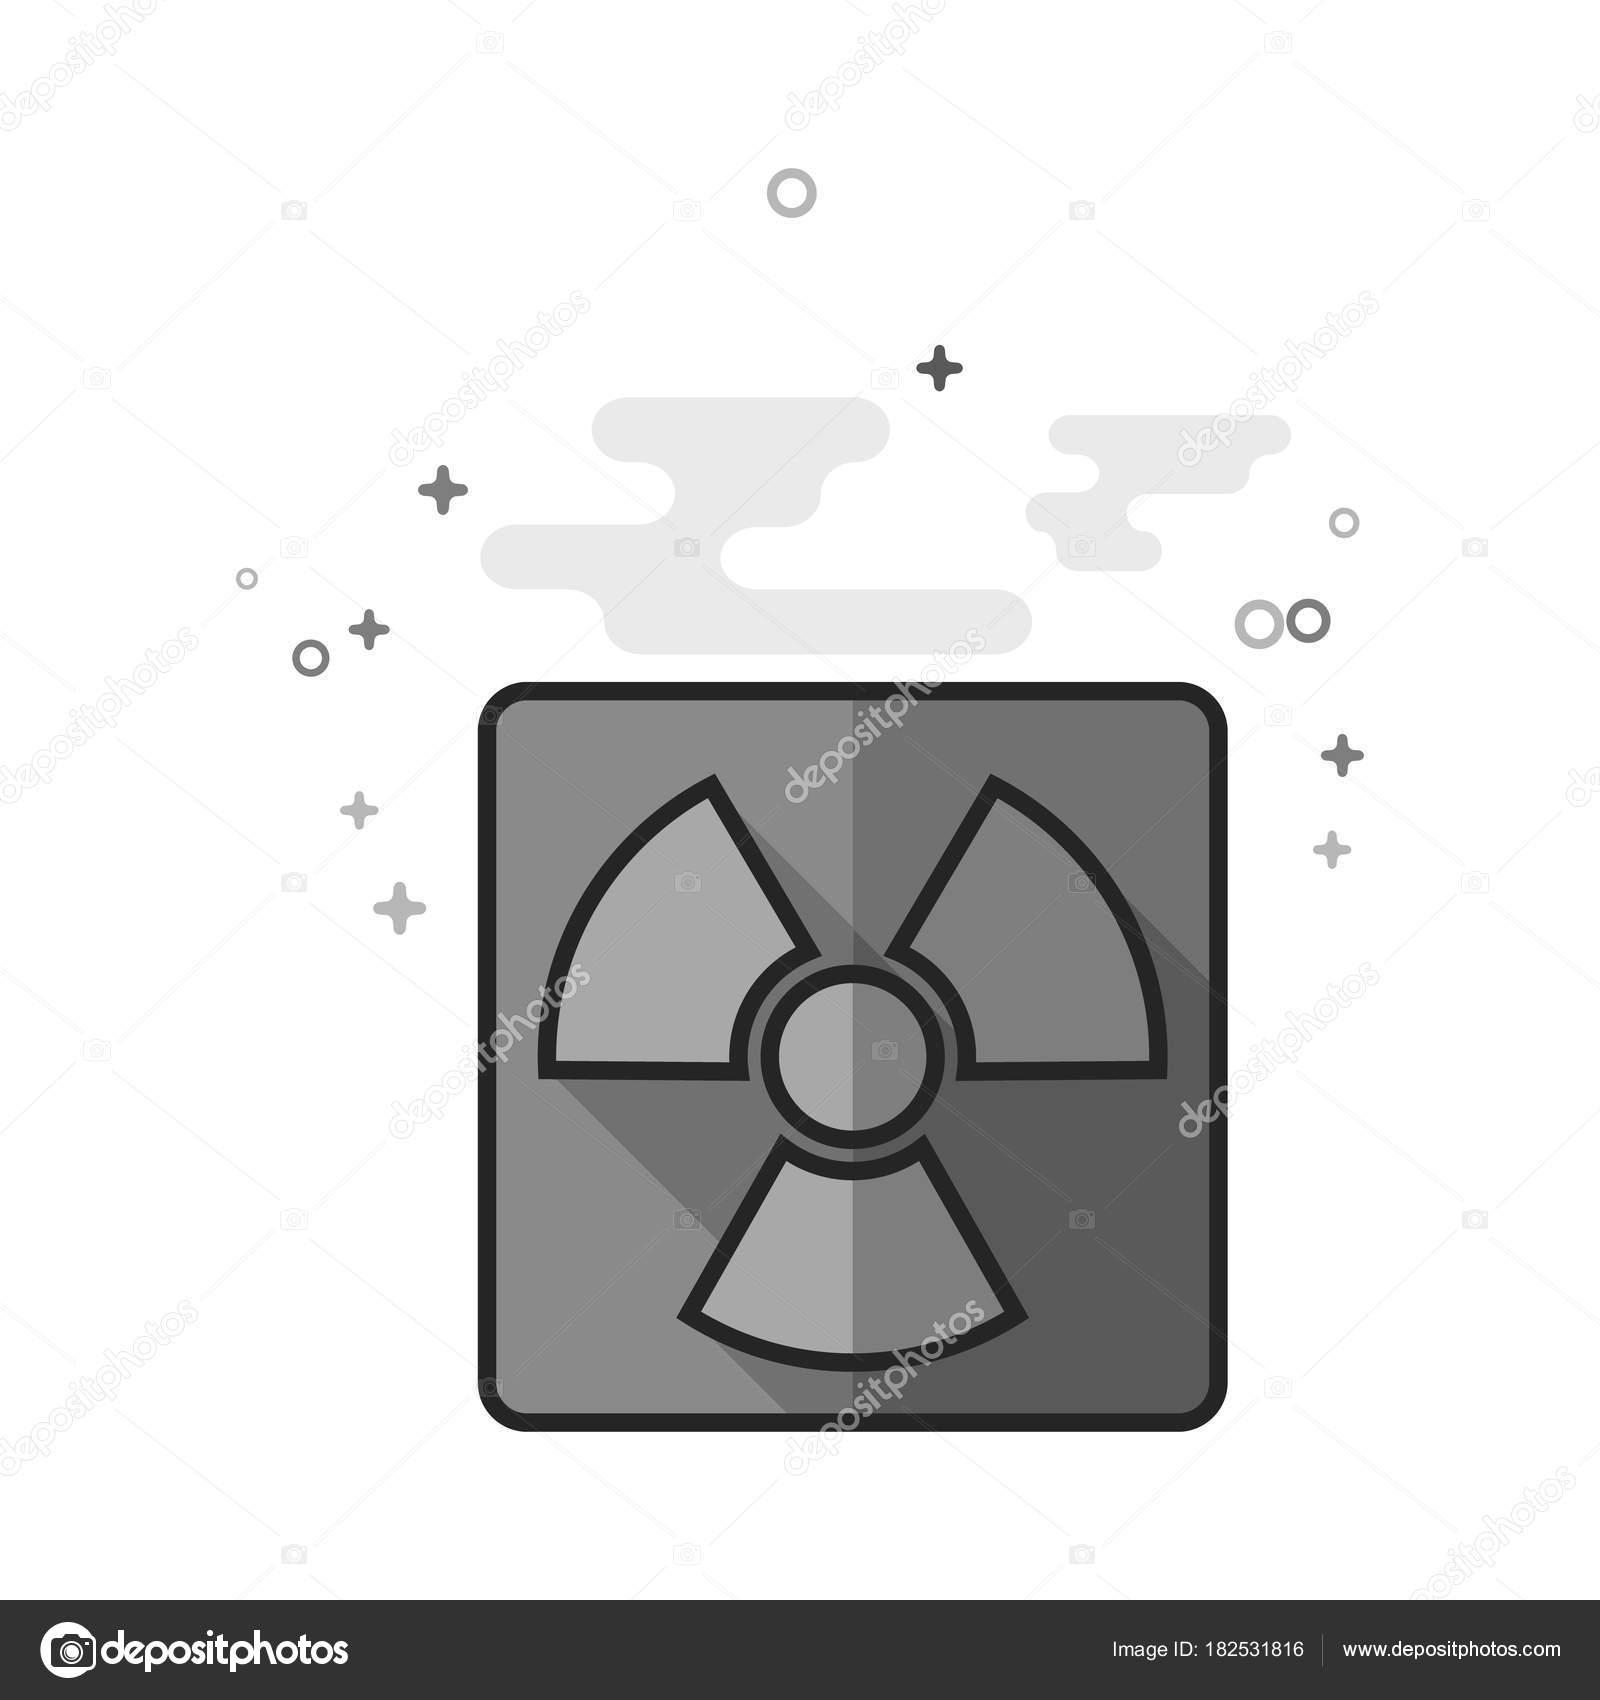 Flat grayscale icon radioactive symbol stock vector puruan flat grayscale icon radioactive symbol stock vector buycottarizona